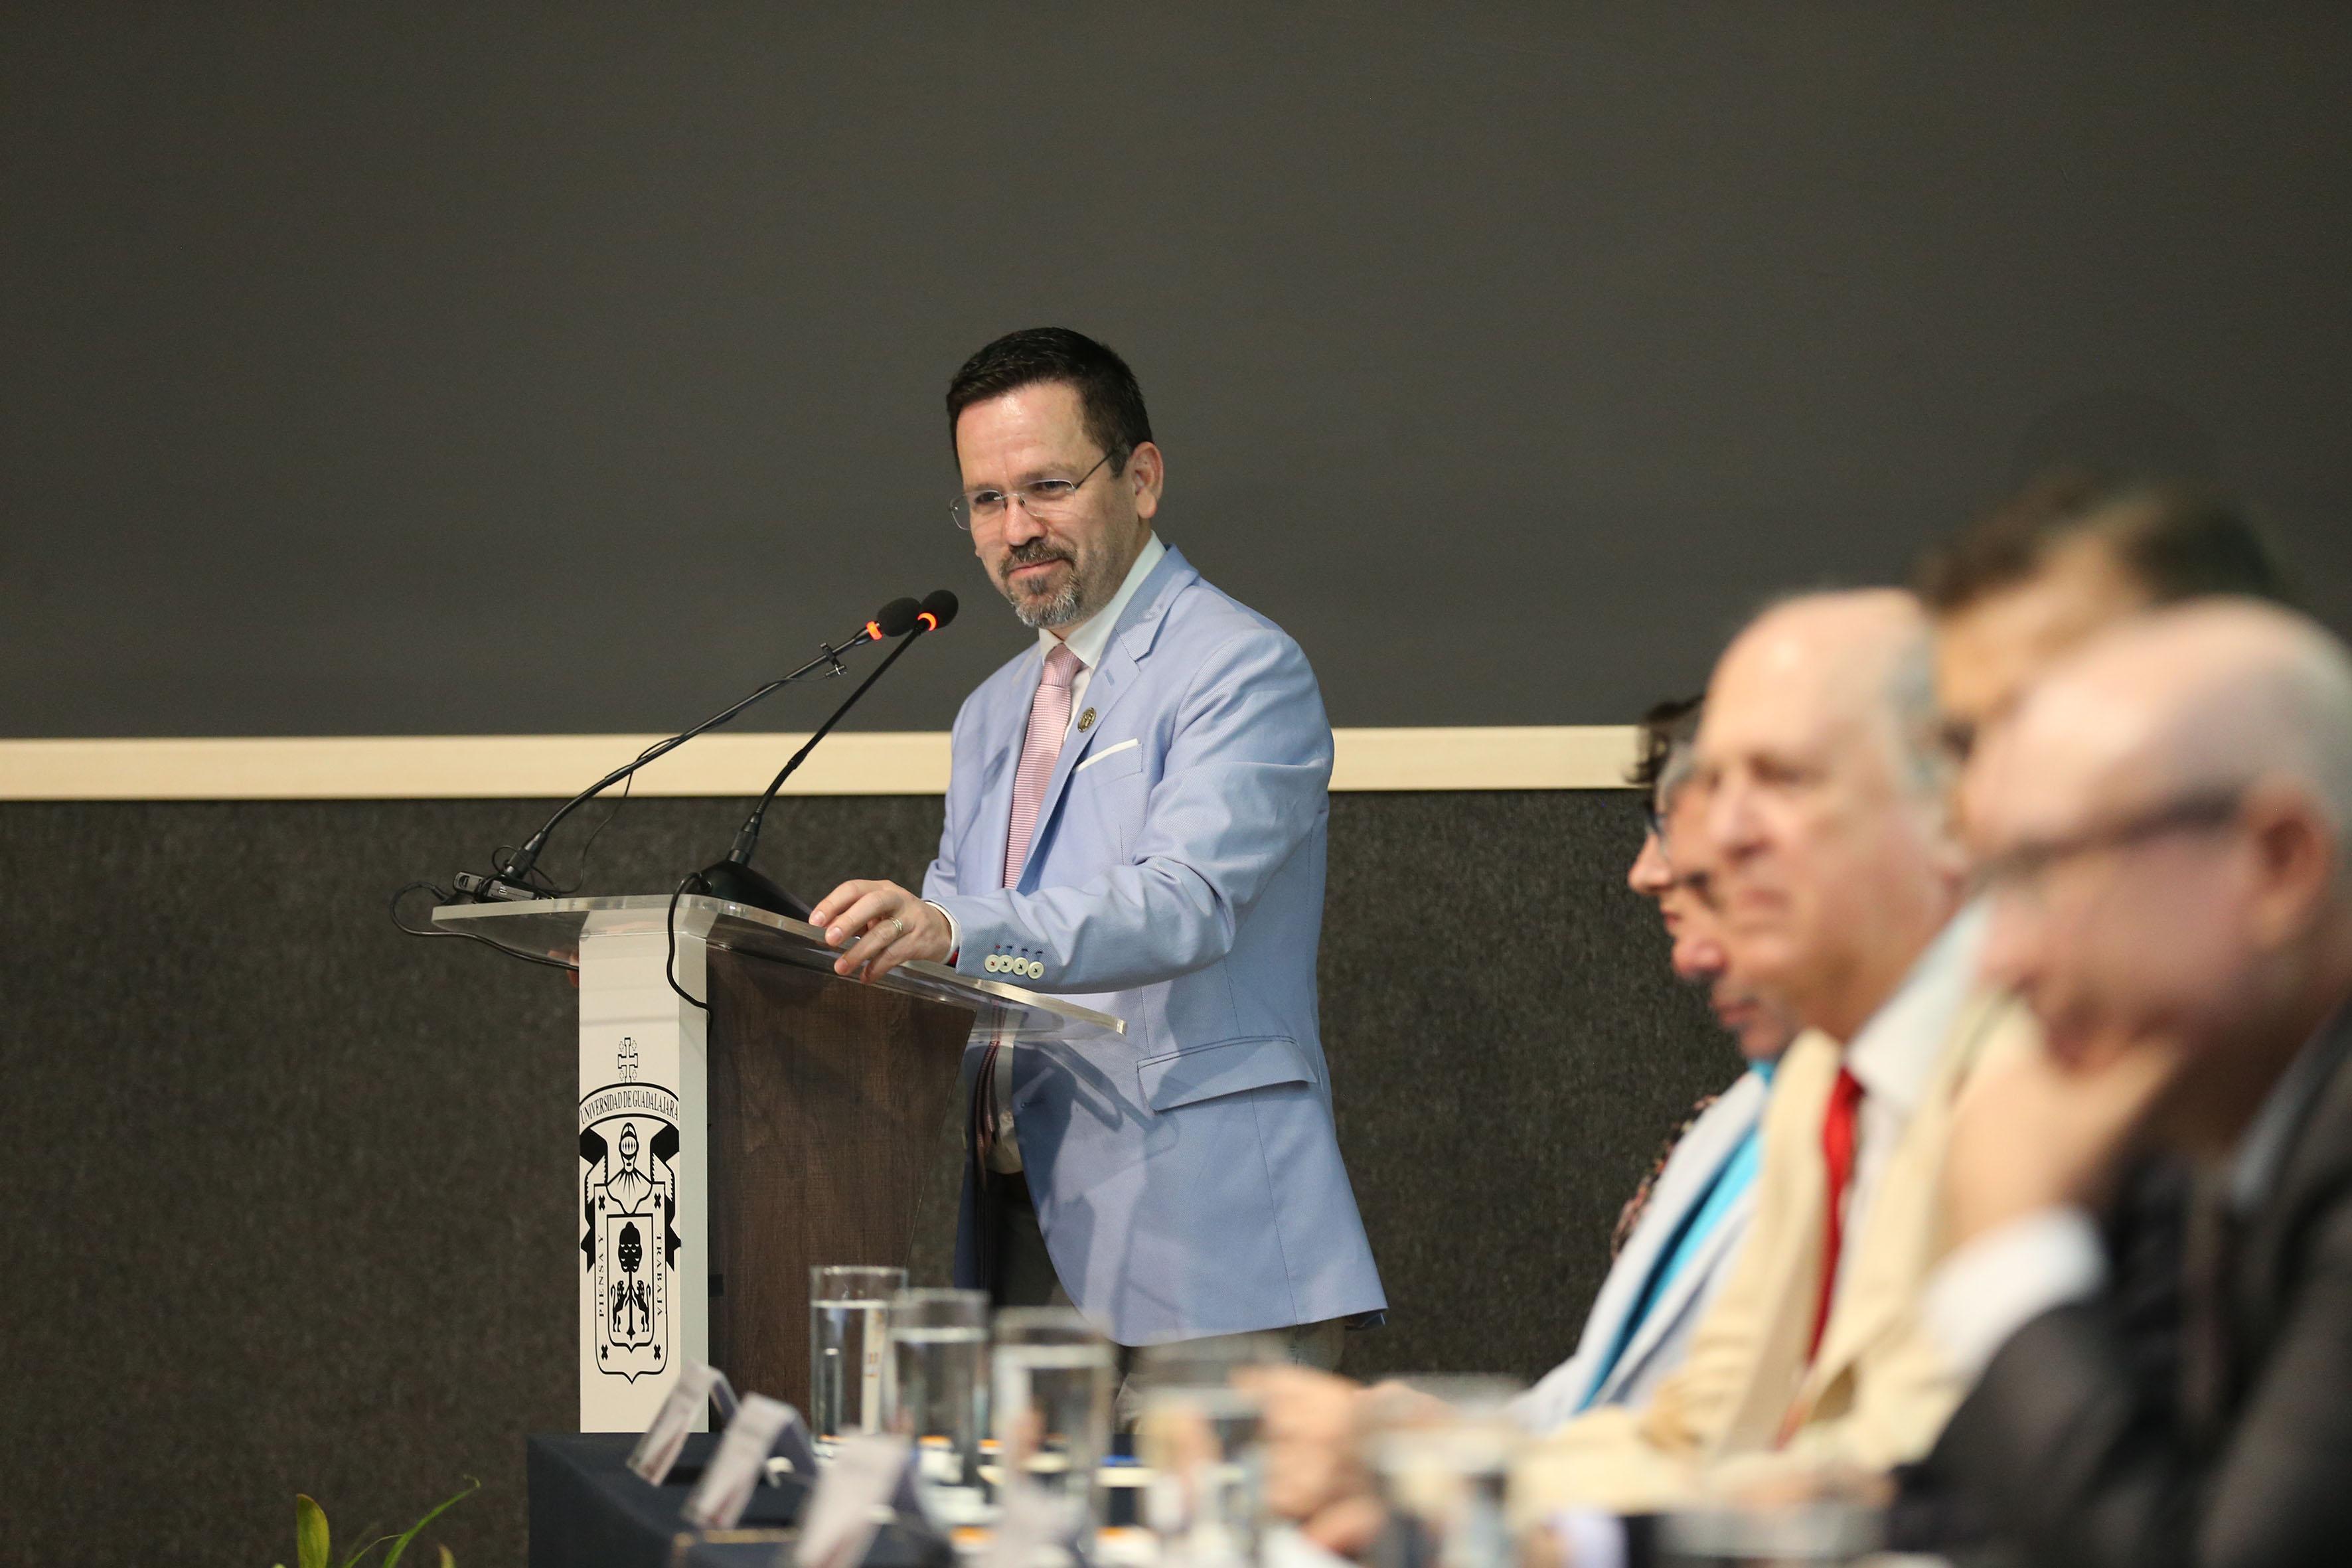 Rector del CULagos  doctor Aristarco Regalado Pinedo, al rendir su informe de actividades del 2016.